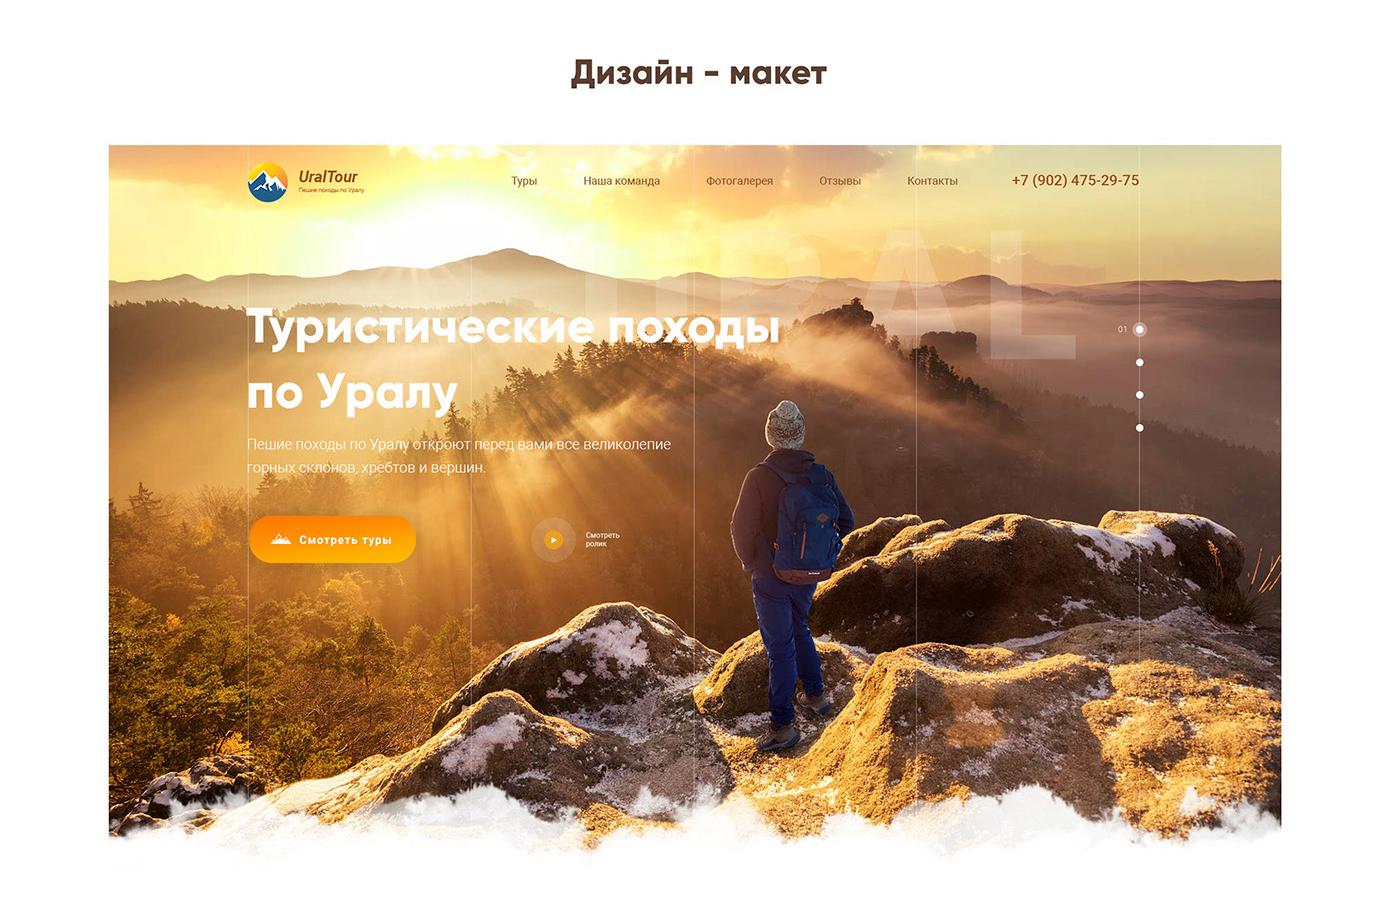 Кейс. Лендинг пешие походы по Уралу. Пасмедиа